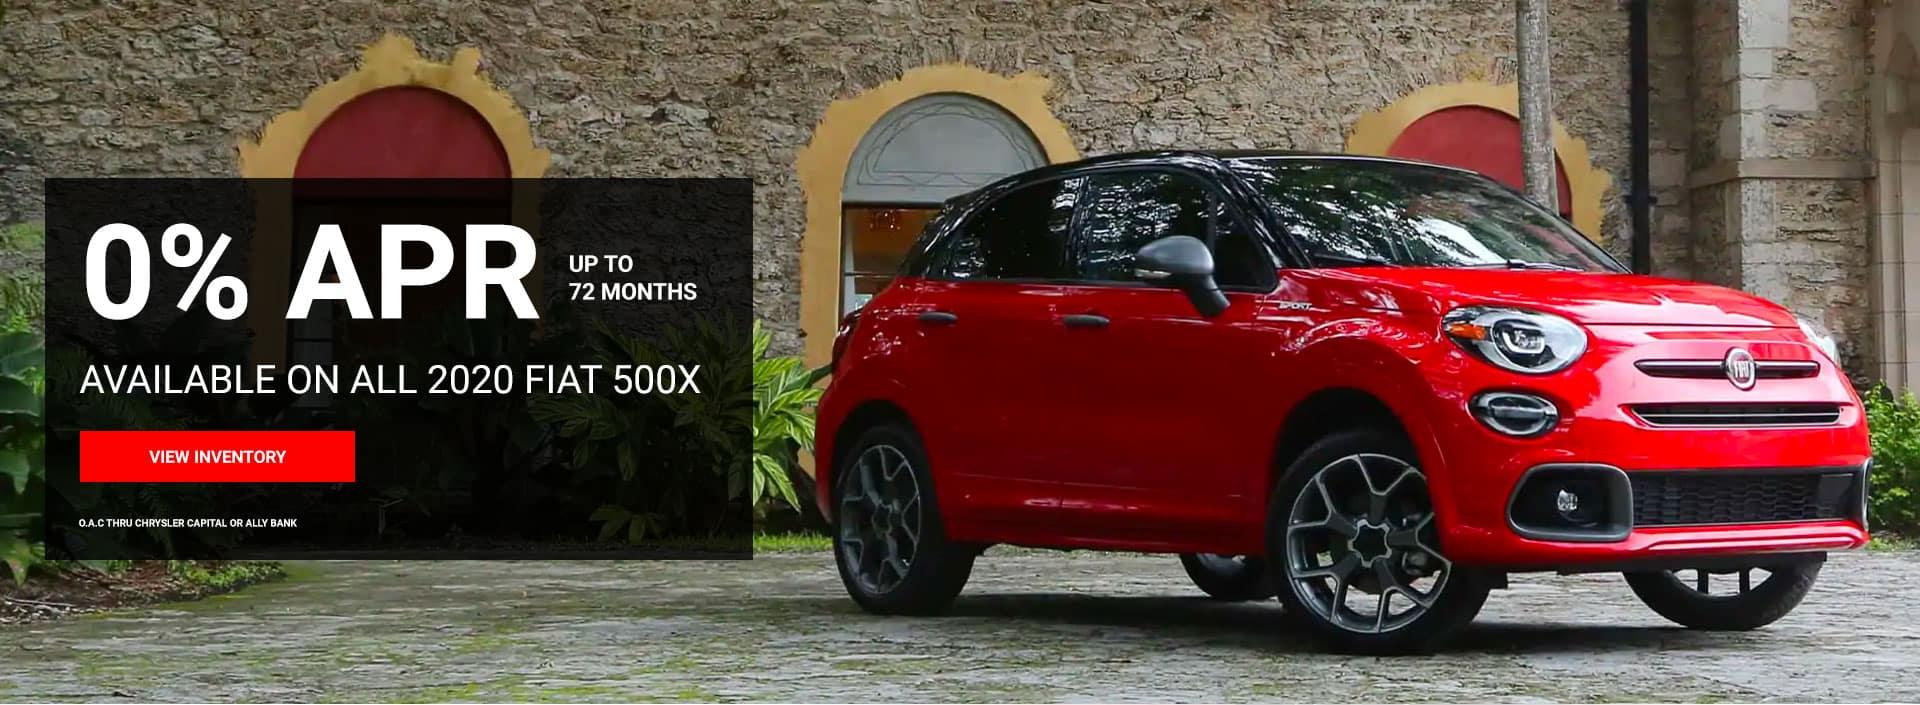 Fiat 500X 0% APR